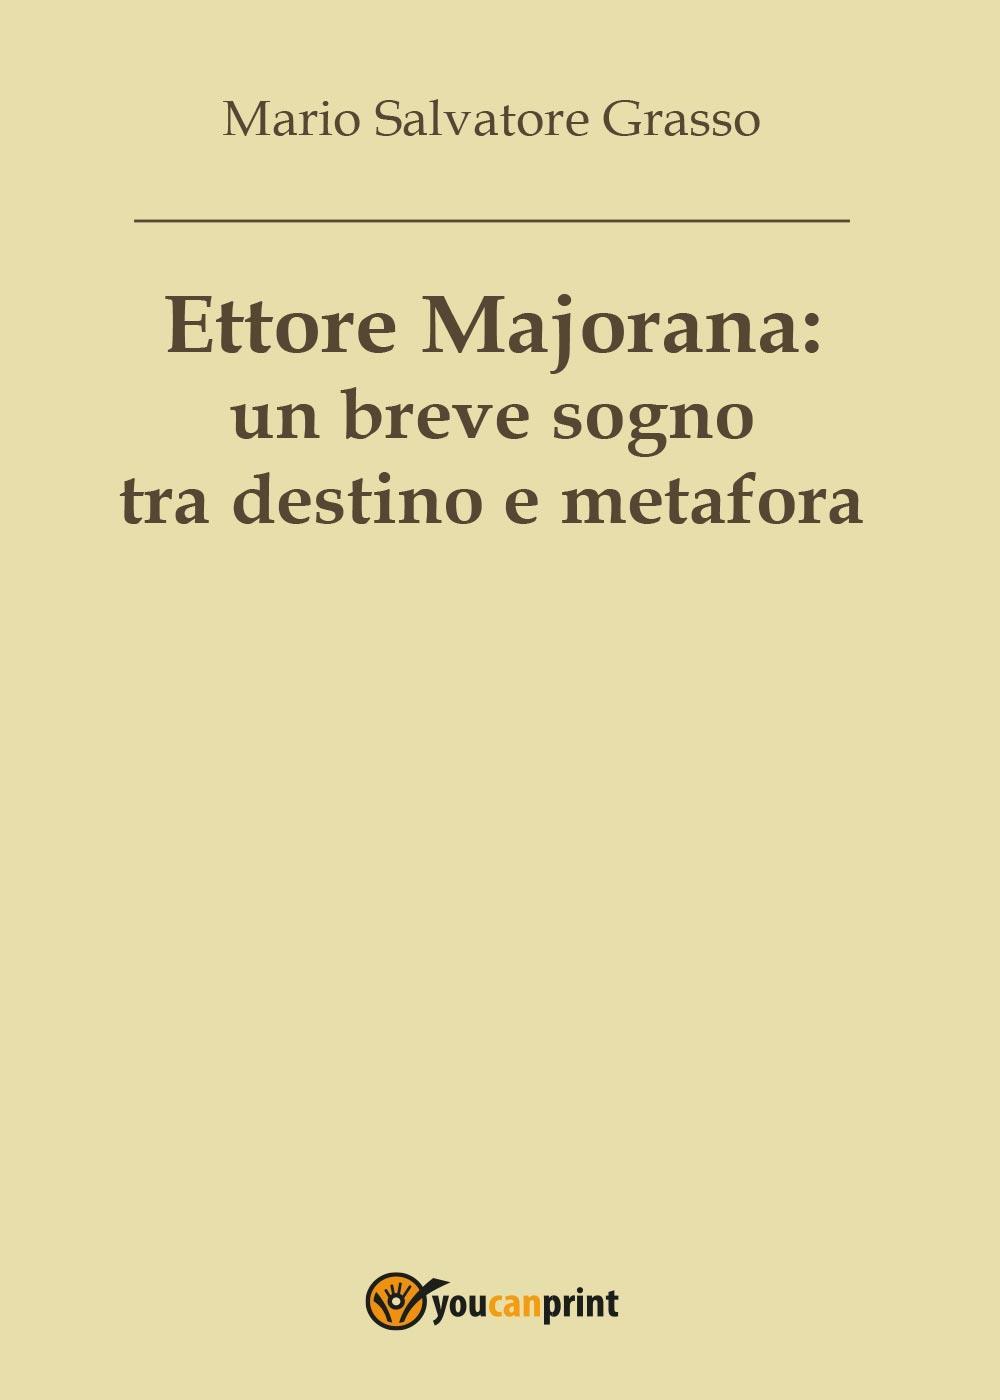 Ettore Majorana: un breve sogno tra destino e metafora